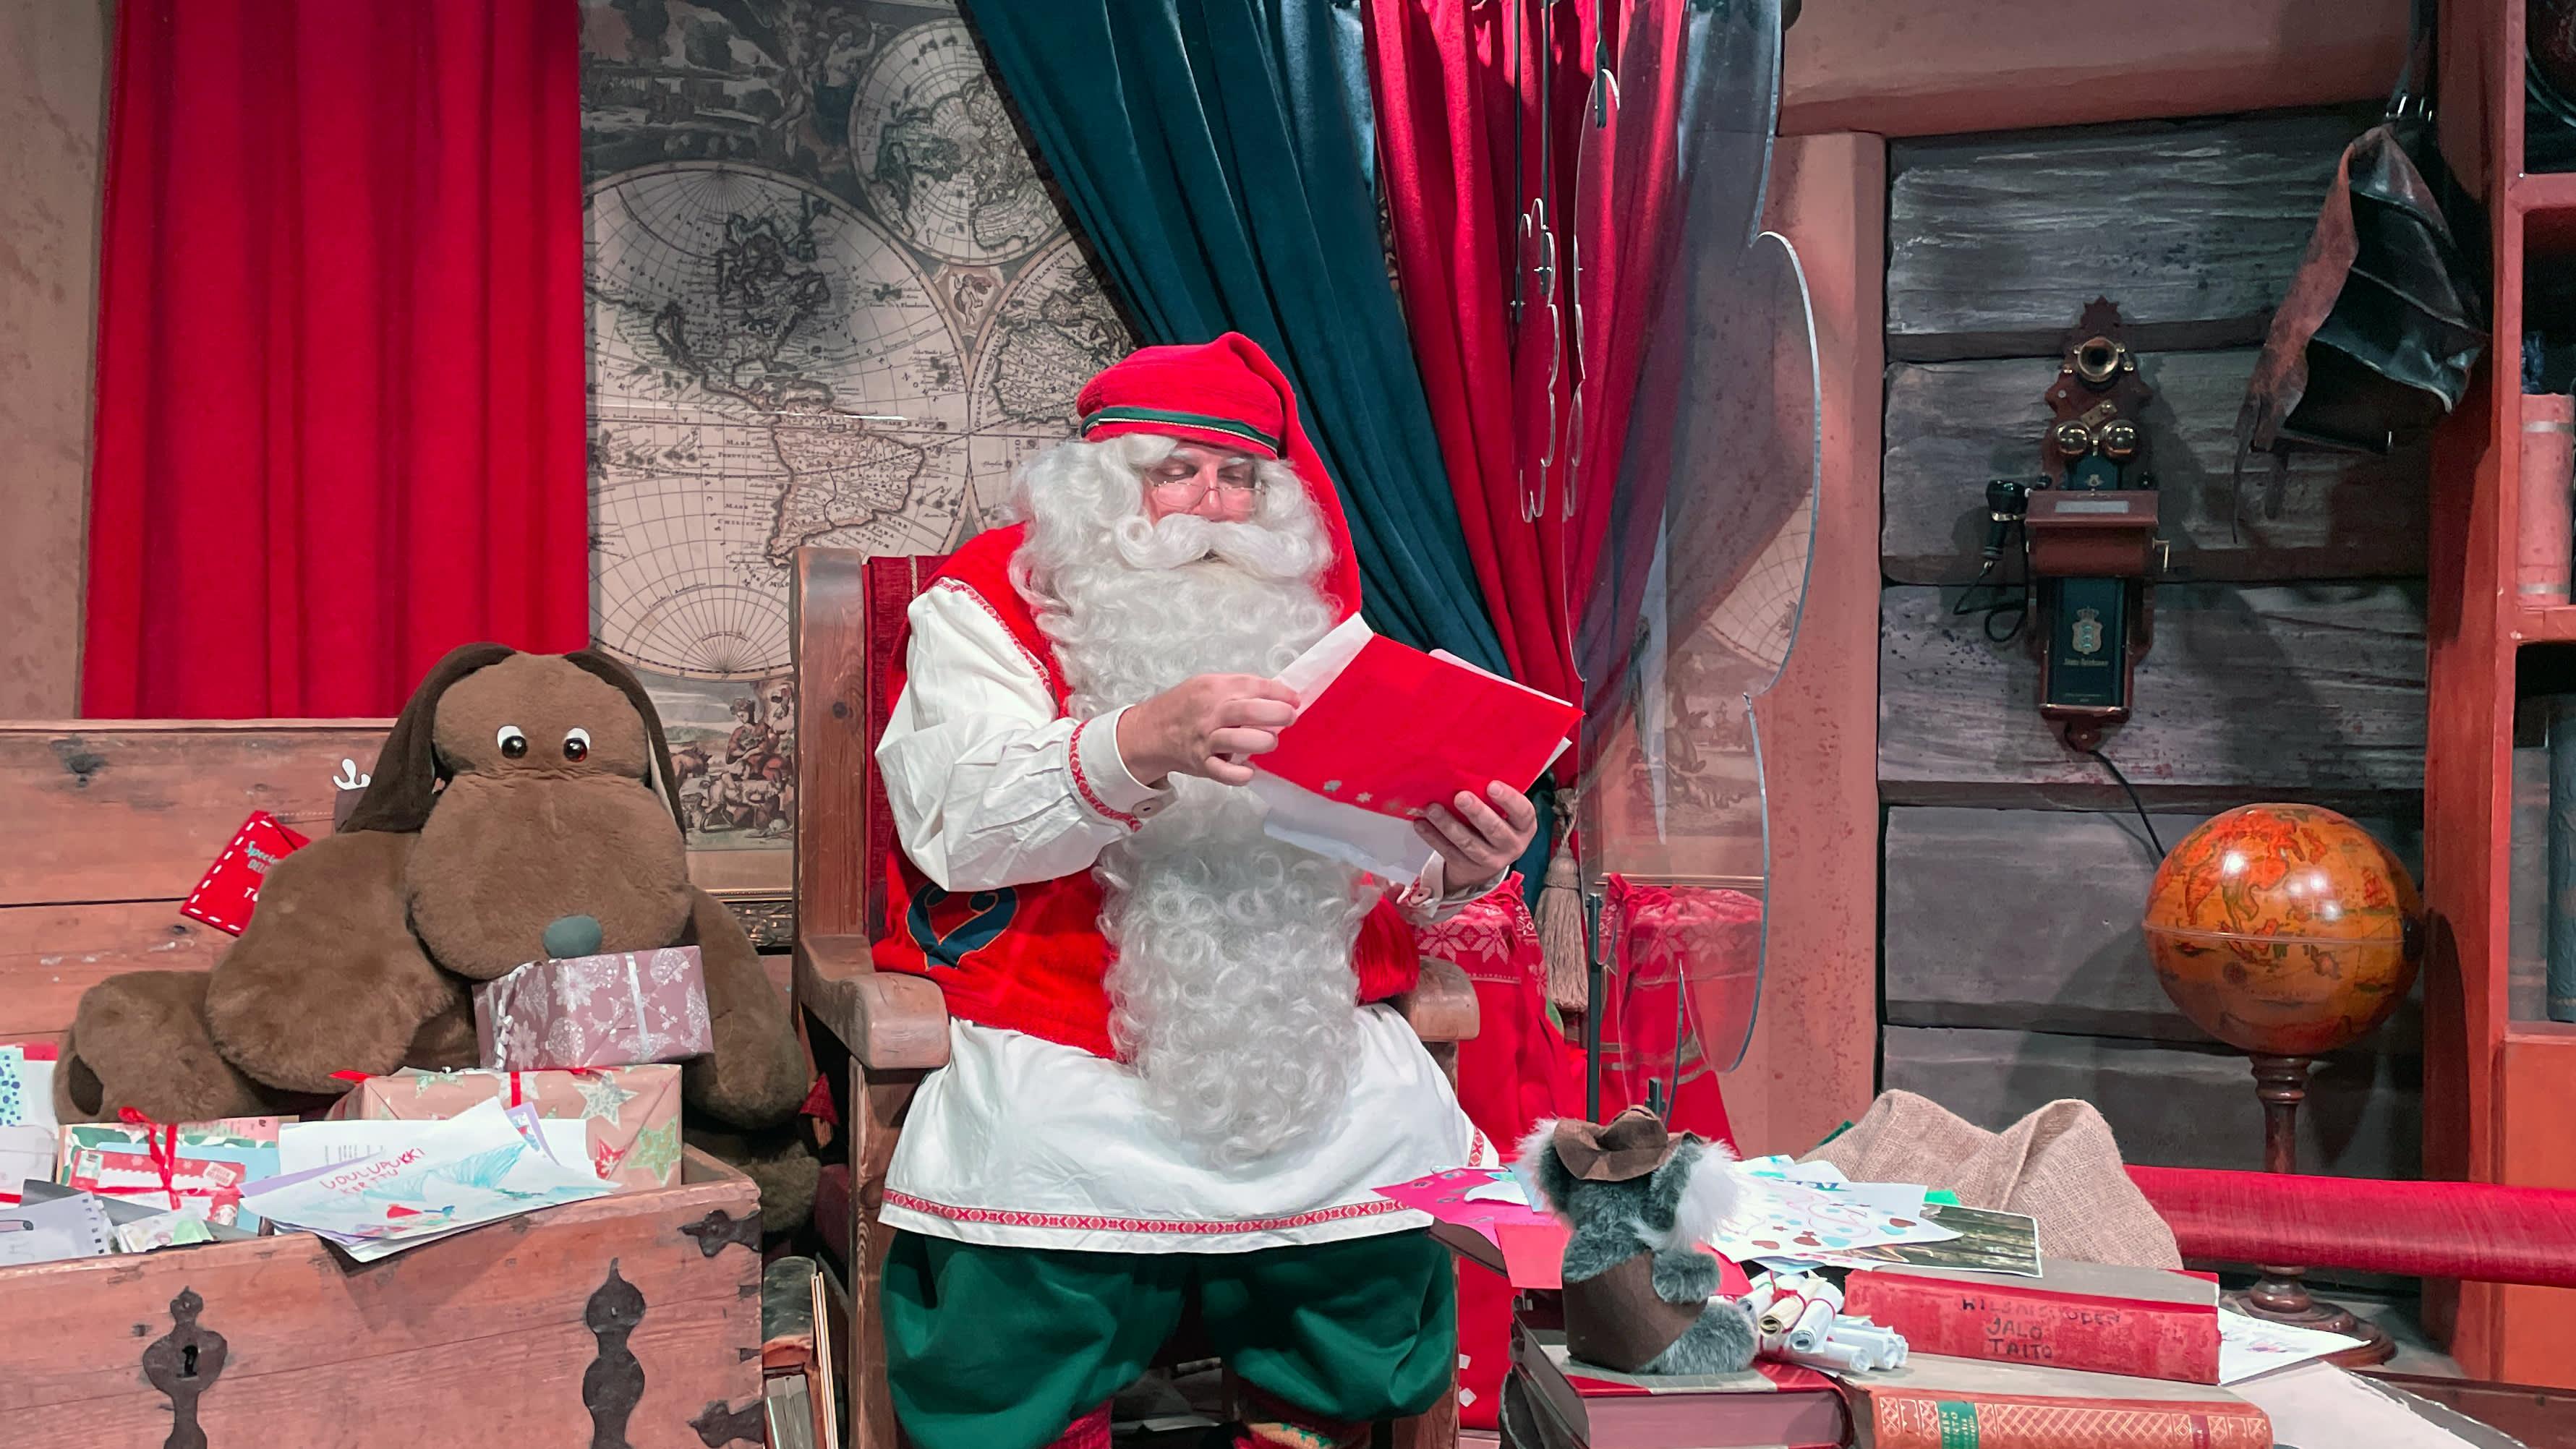 Joulupukki lukee kirjettä toimistossaan Napapiirin pajakylässä.